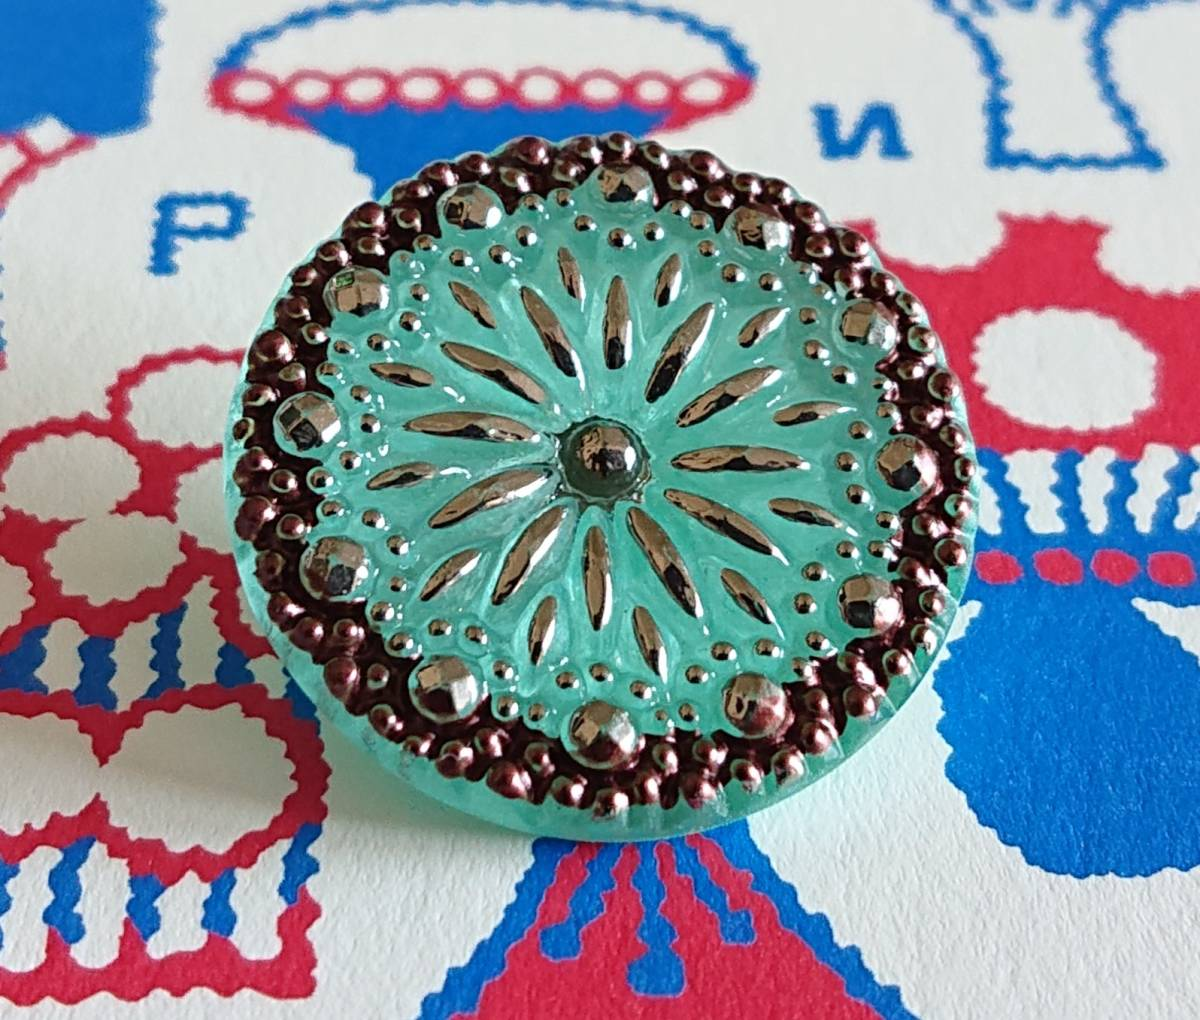 チェコ ガラスボタン27mm クリアターコイズブルー×シルバー/太陽と星の様なボタン コレクション・ハンドメイドに_画像3